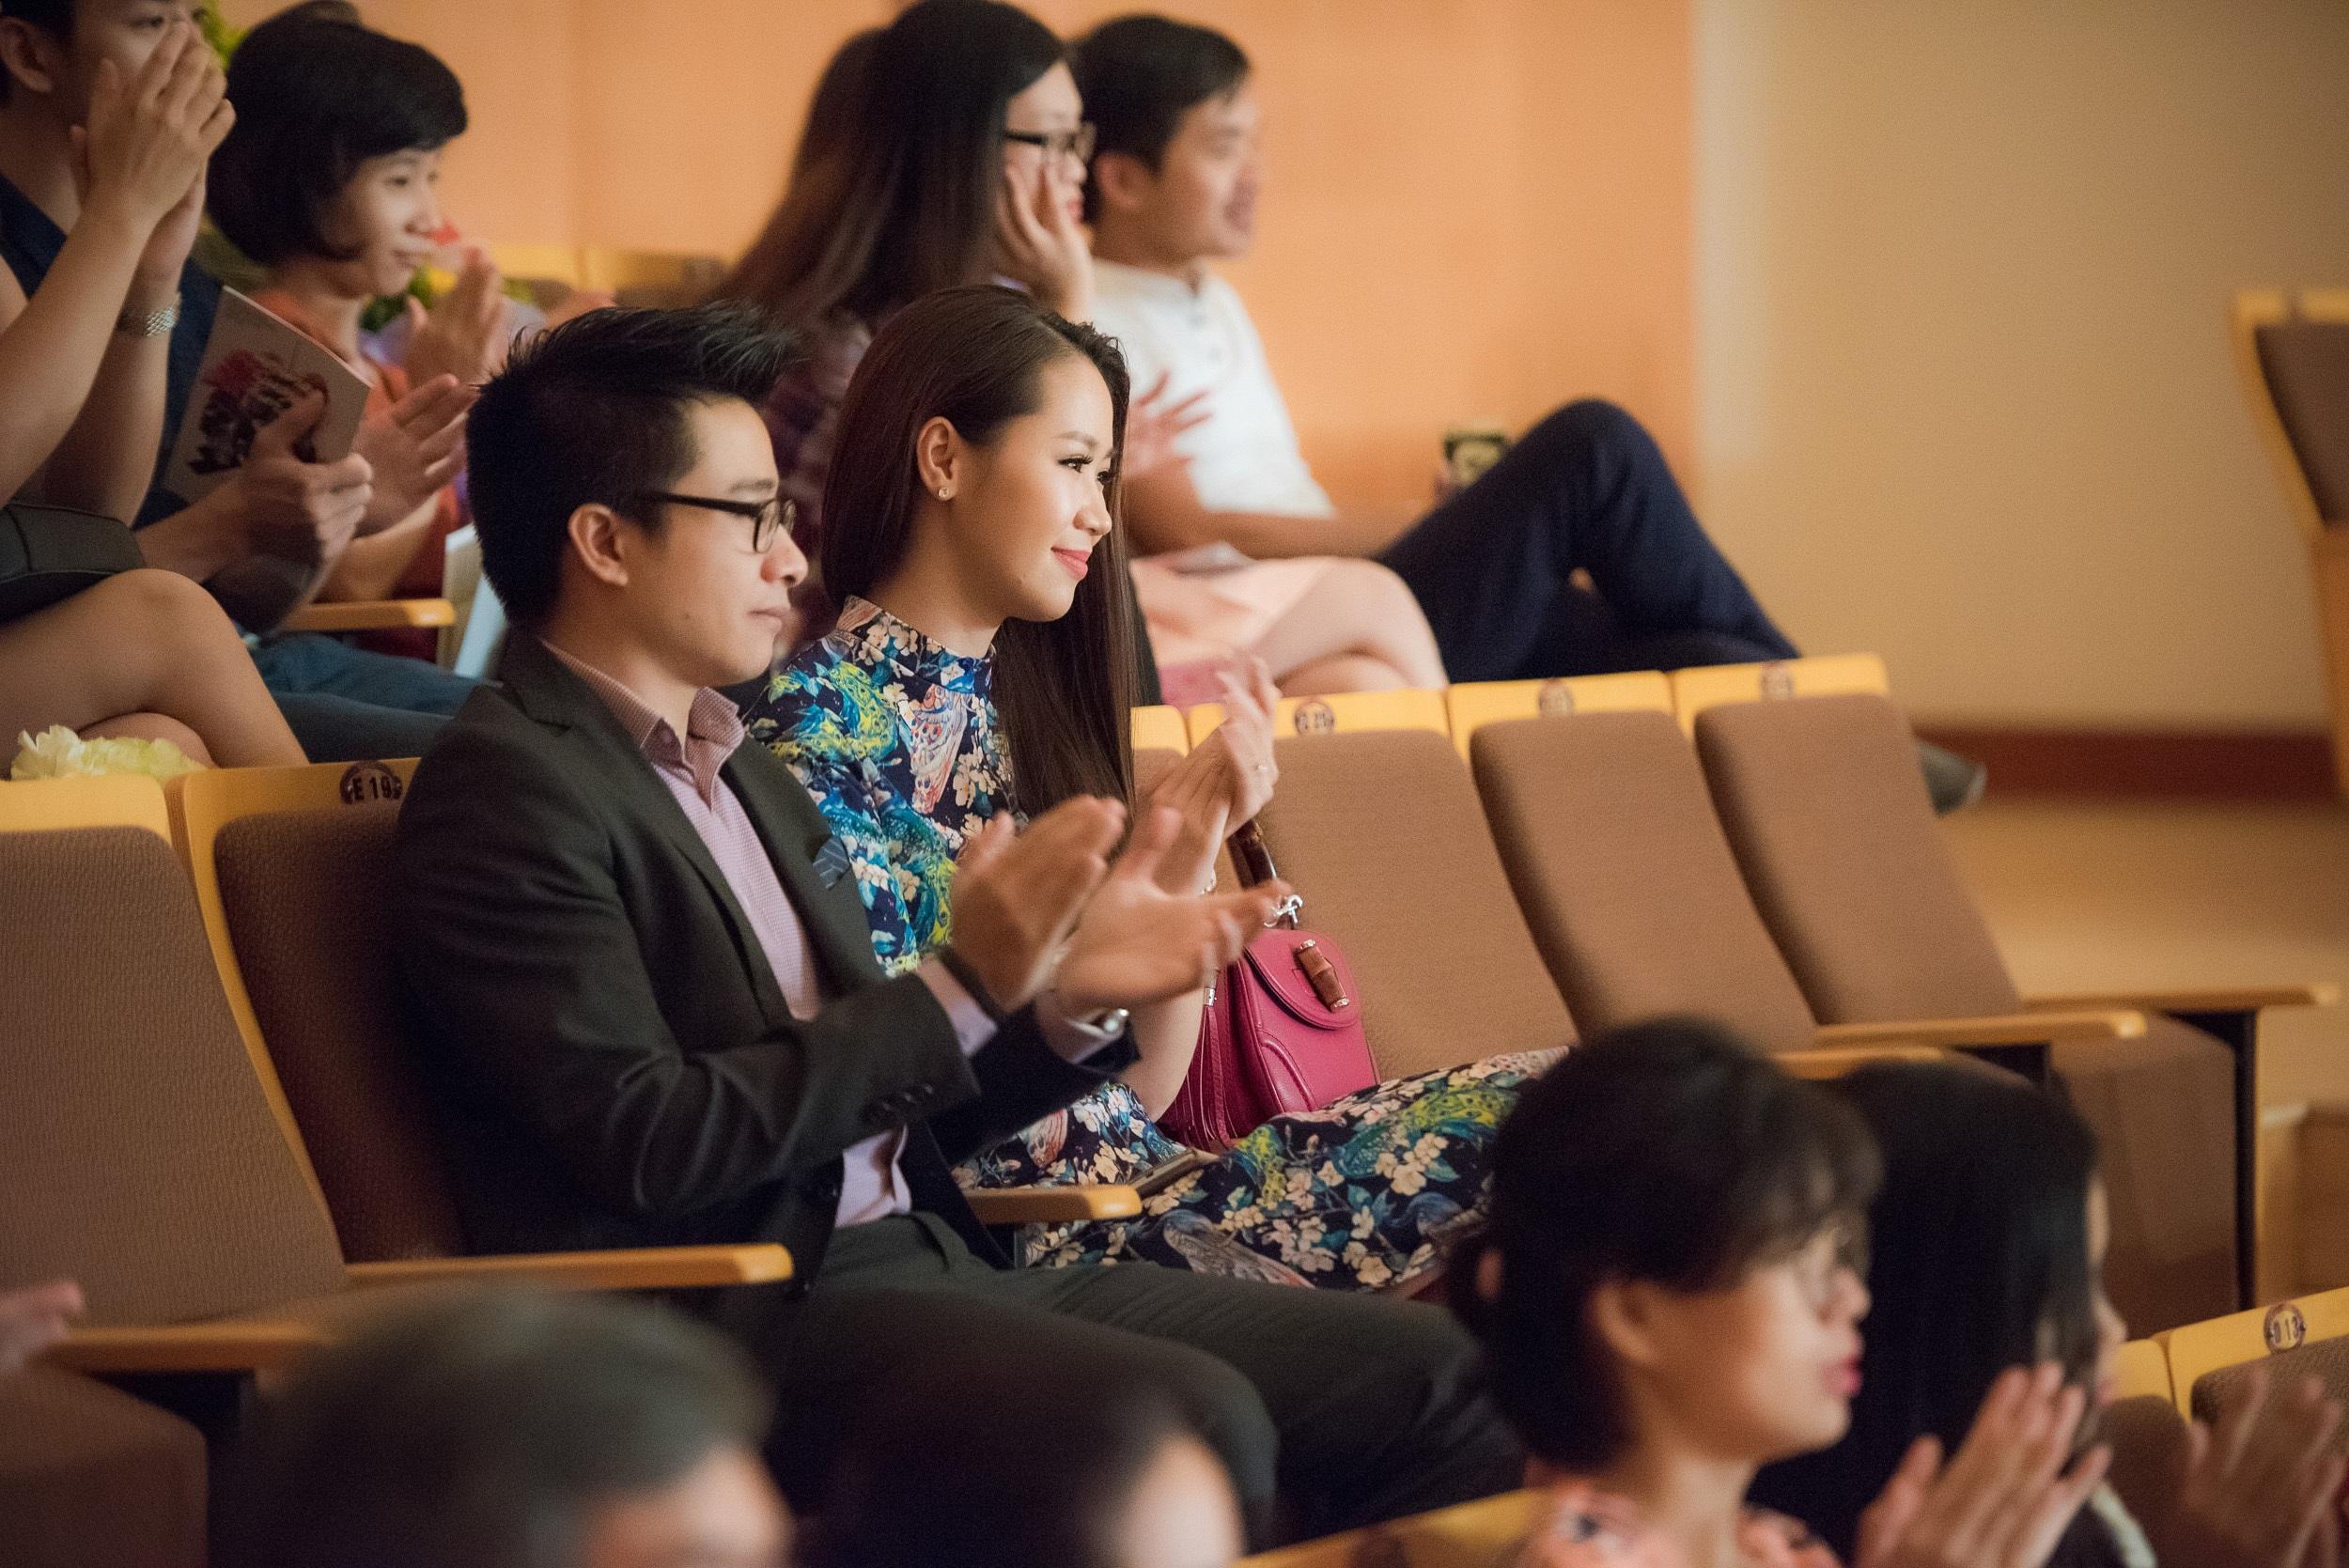 Ngồi dưới hàng ghế khán giả, vợ chồng Dương Thùy Linh chăm chú theo dõi em trai trình diễn những bản nhạc nổi tiếng. Cả hai luôn ủng hộ em trai trong sự nghiệp nghệ thuật.